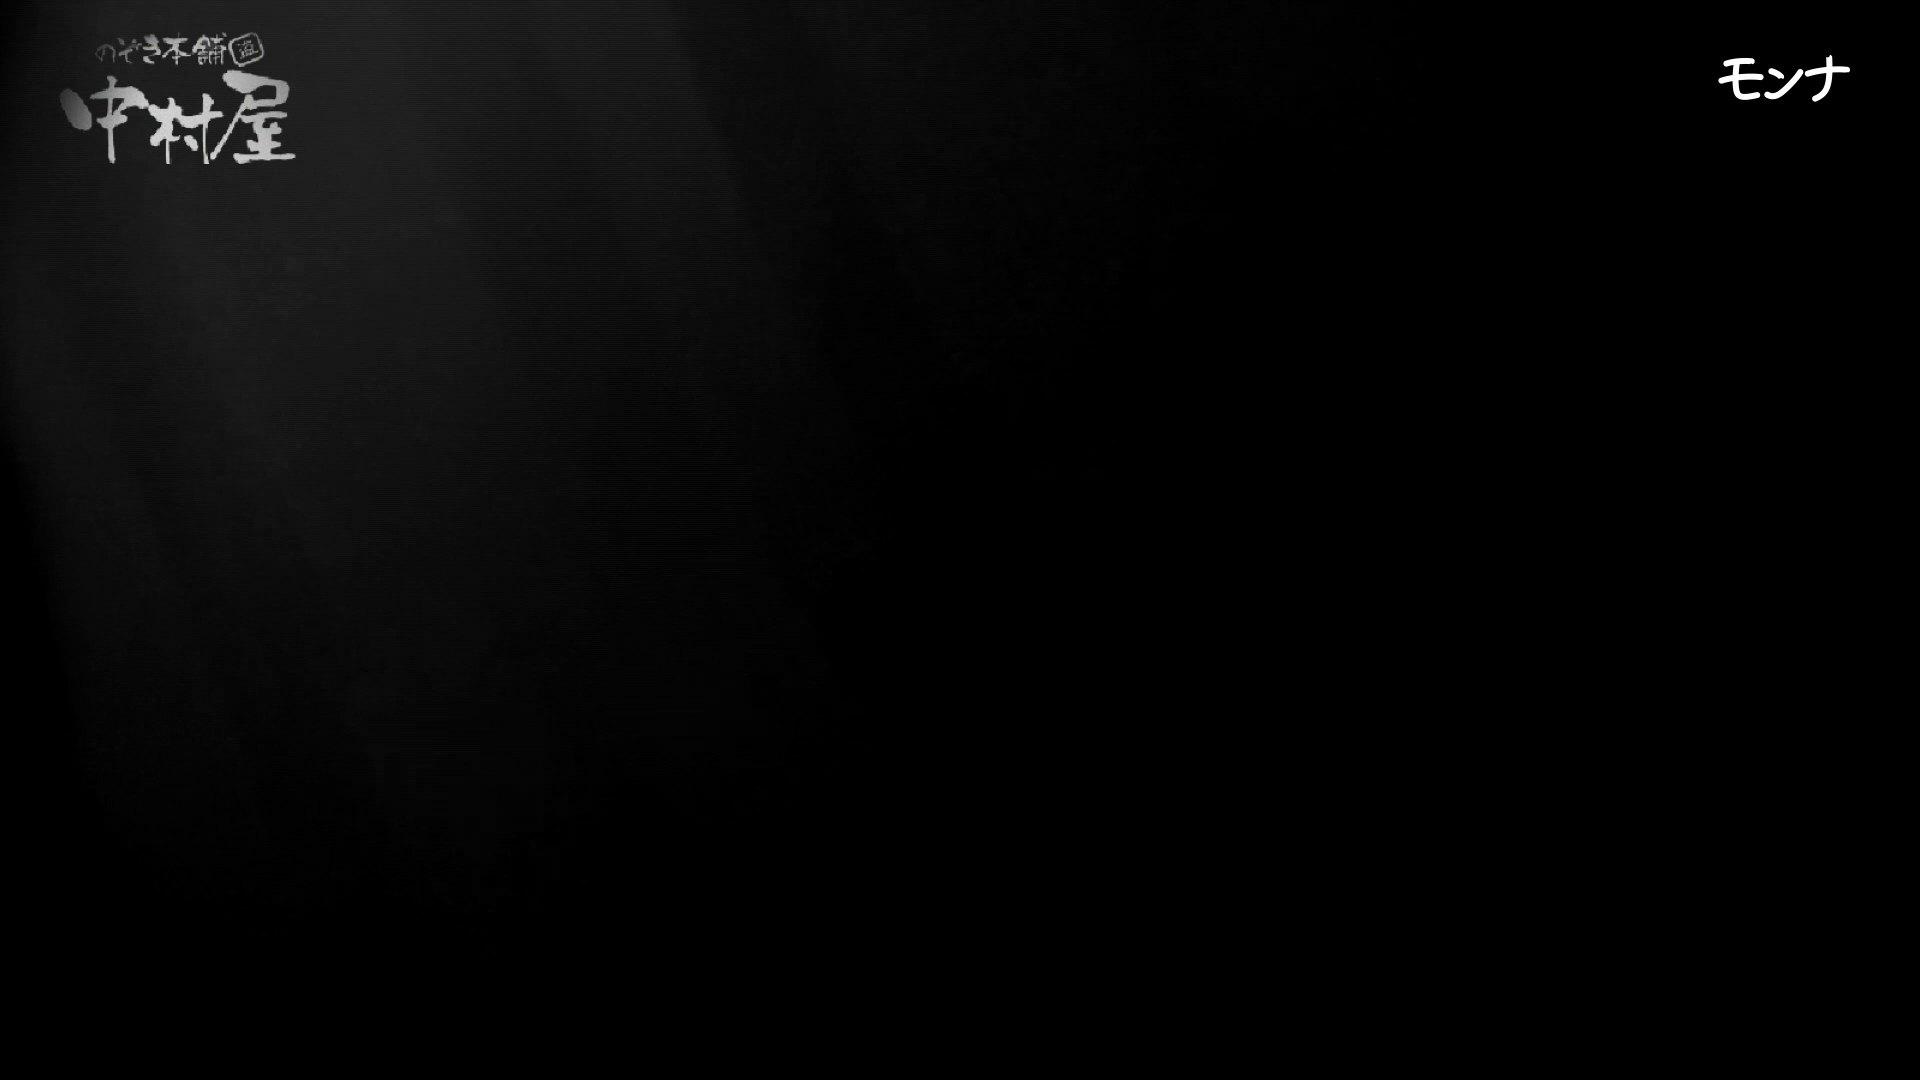 美しい日本の未来 No.47 冬Ver.進化 細い指でほじくりまくる!前編 女性トイレ   女子の厠  79pic 41